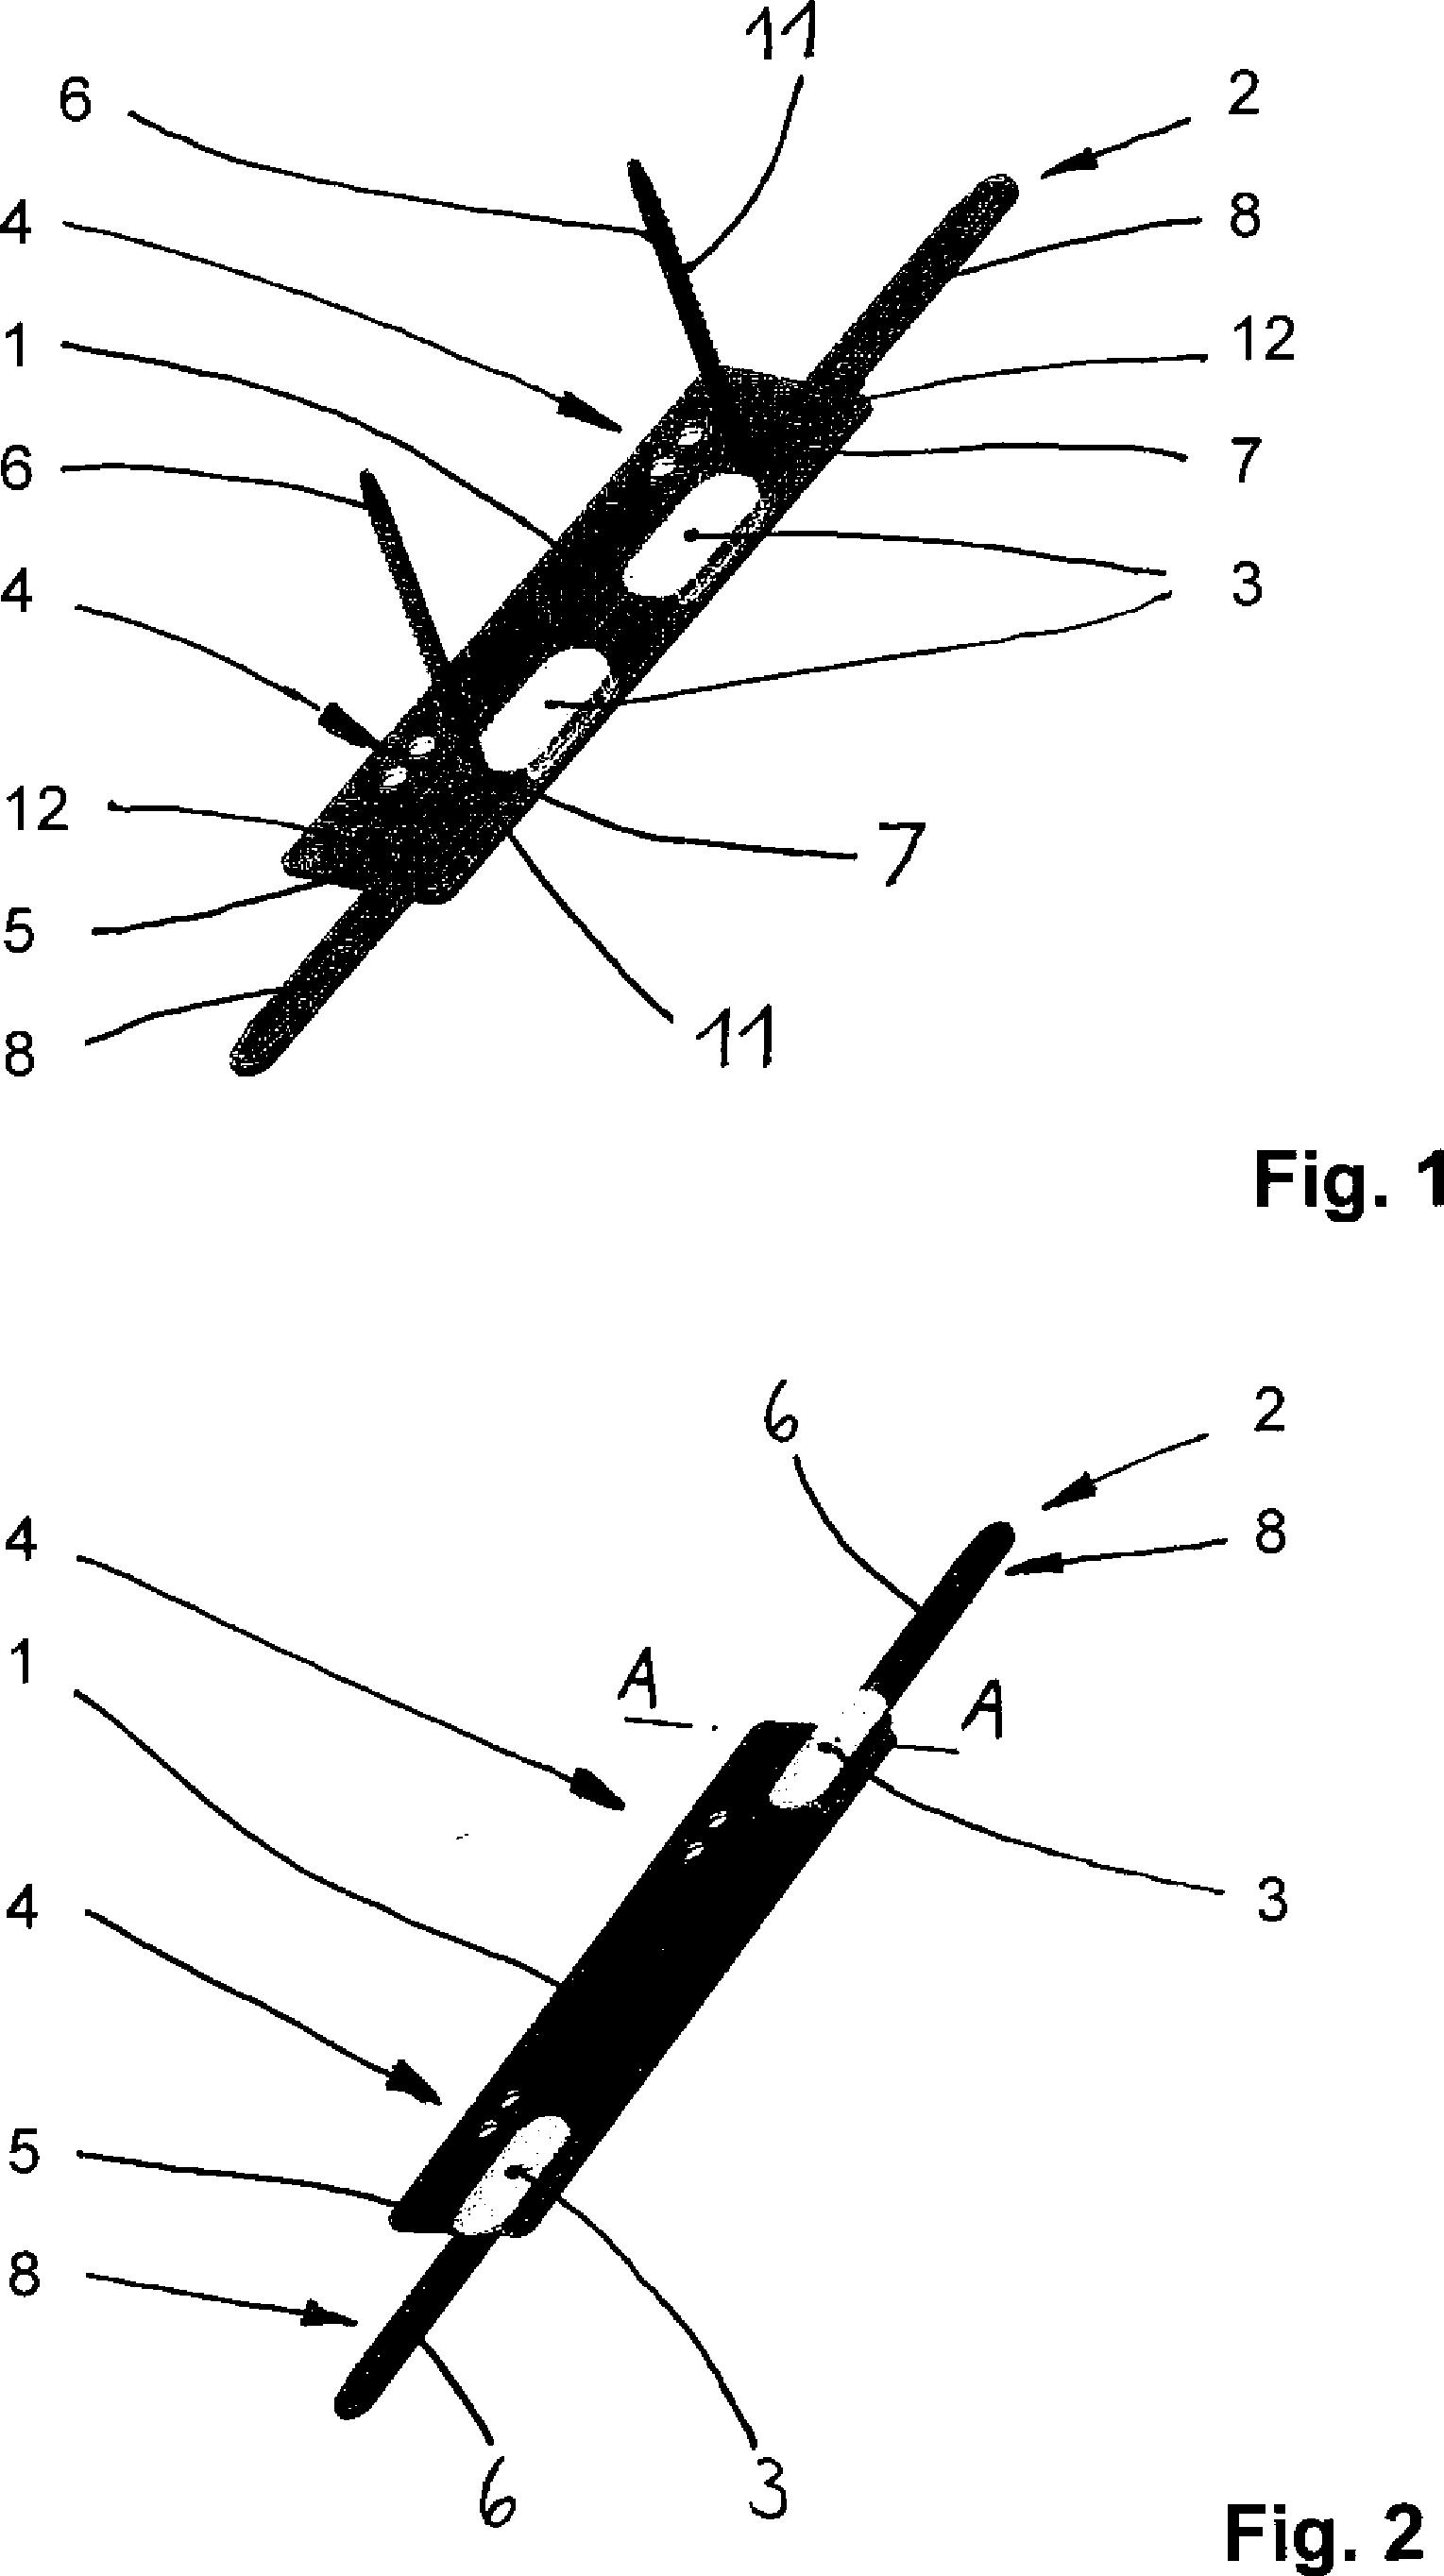 Heftstreifen für viele blätter  Patent DE202012103712U1 - Heftstreifen - Google Patents